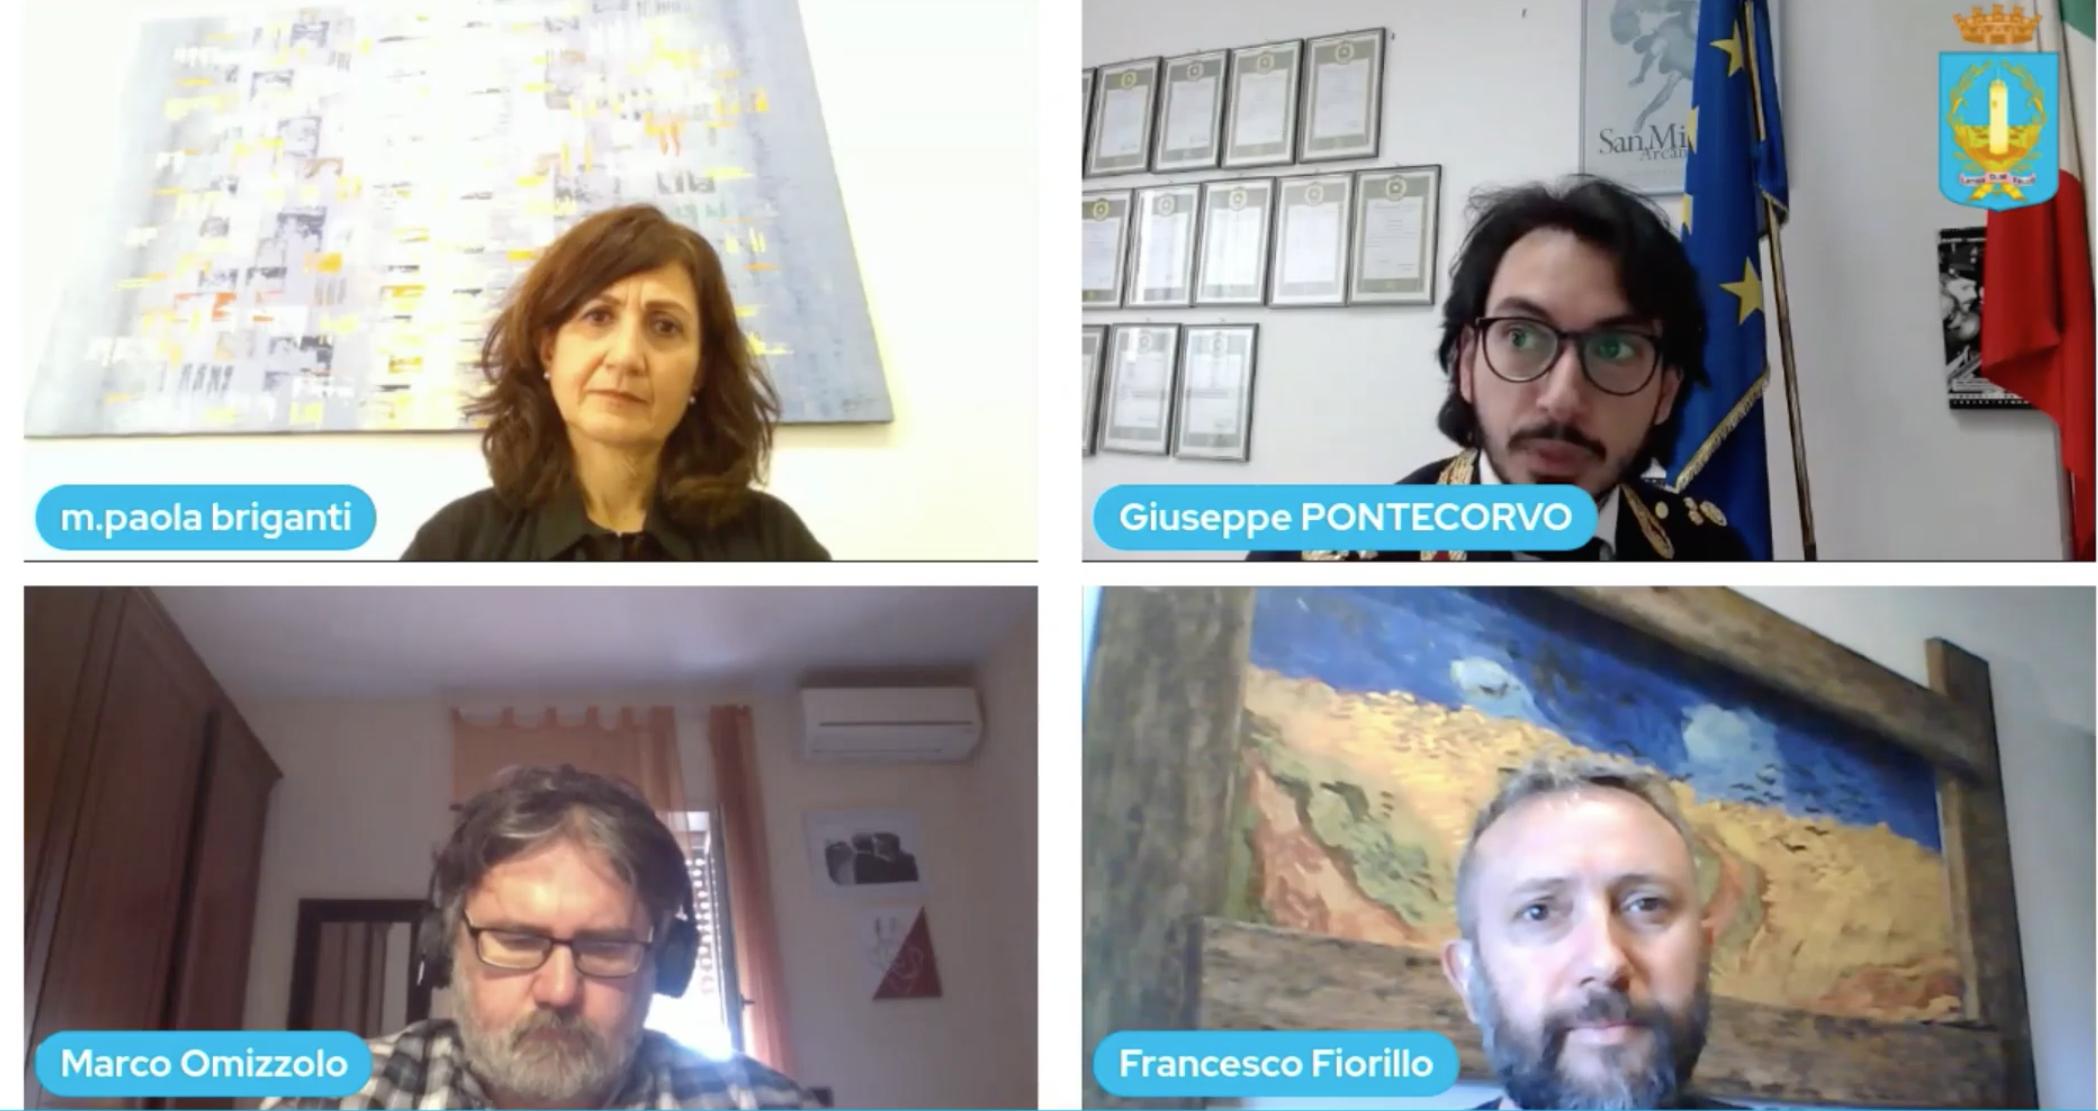 L'incontro online organizzato dal Comune di Latina